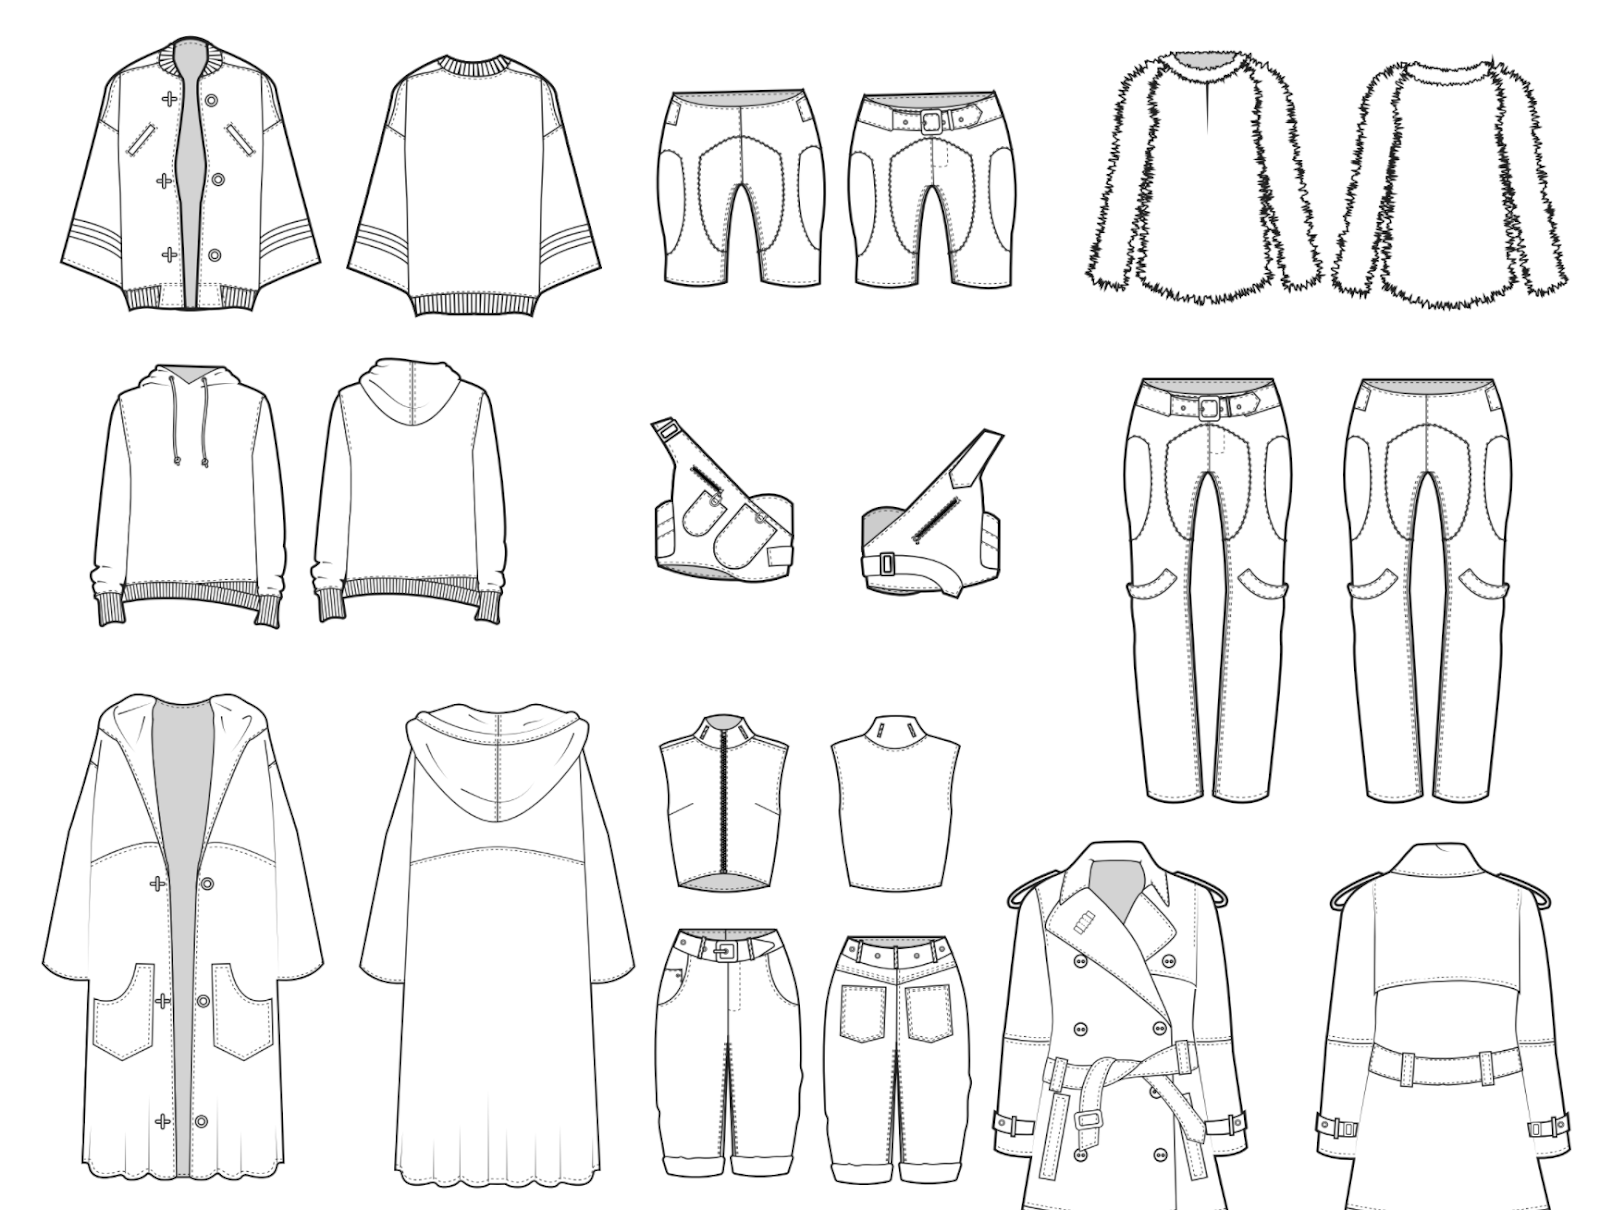 Fashion Portfolio book by Sew Heidi of Successful Fashion Freelancer